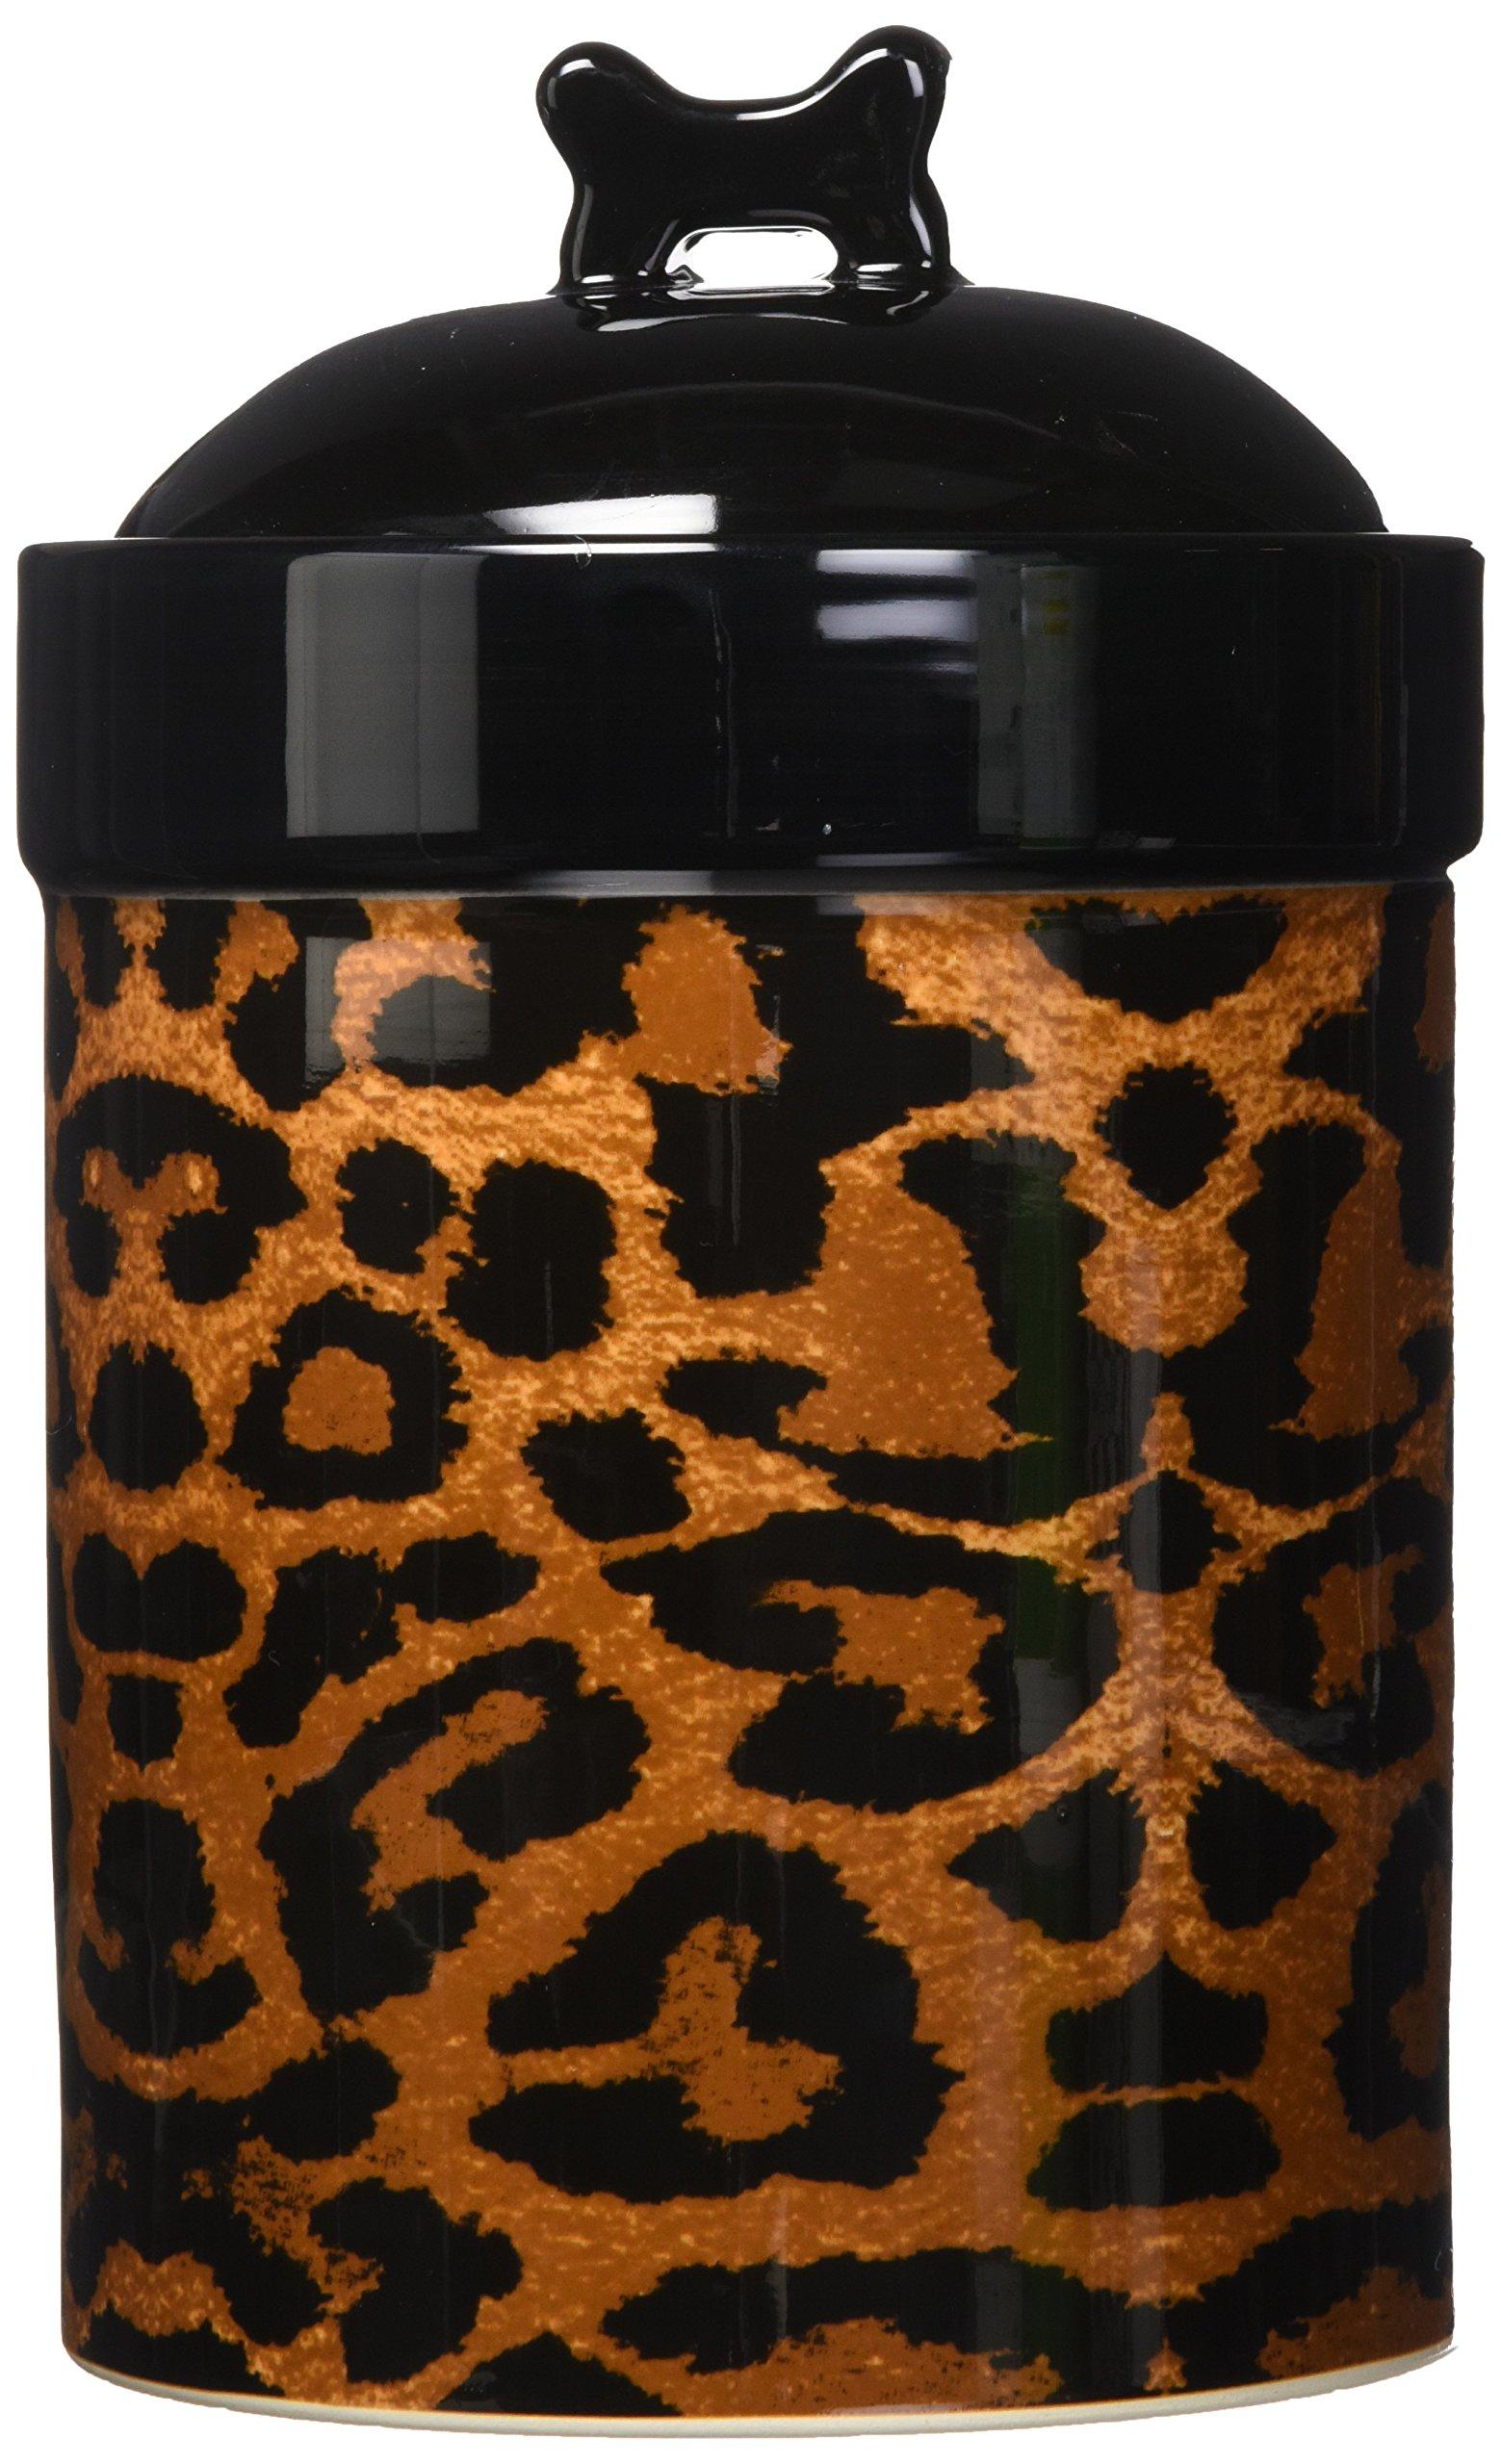 PetRageous Leopard Treat Jar for Pets, 8-Inch